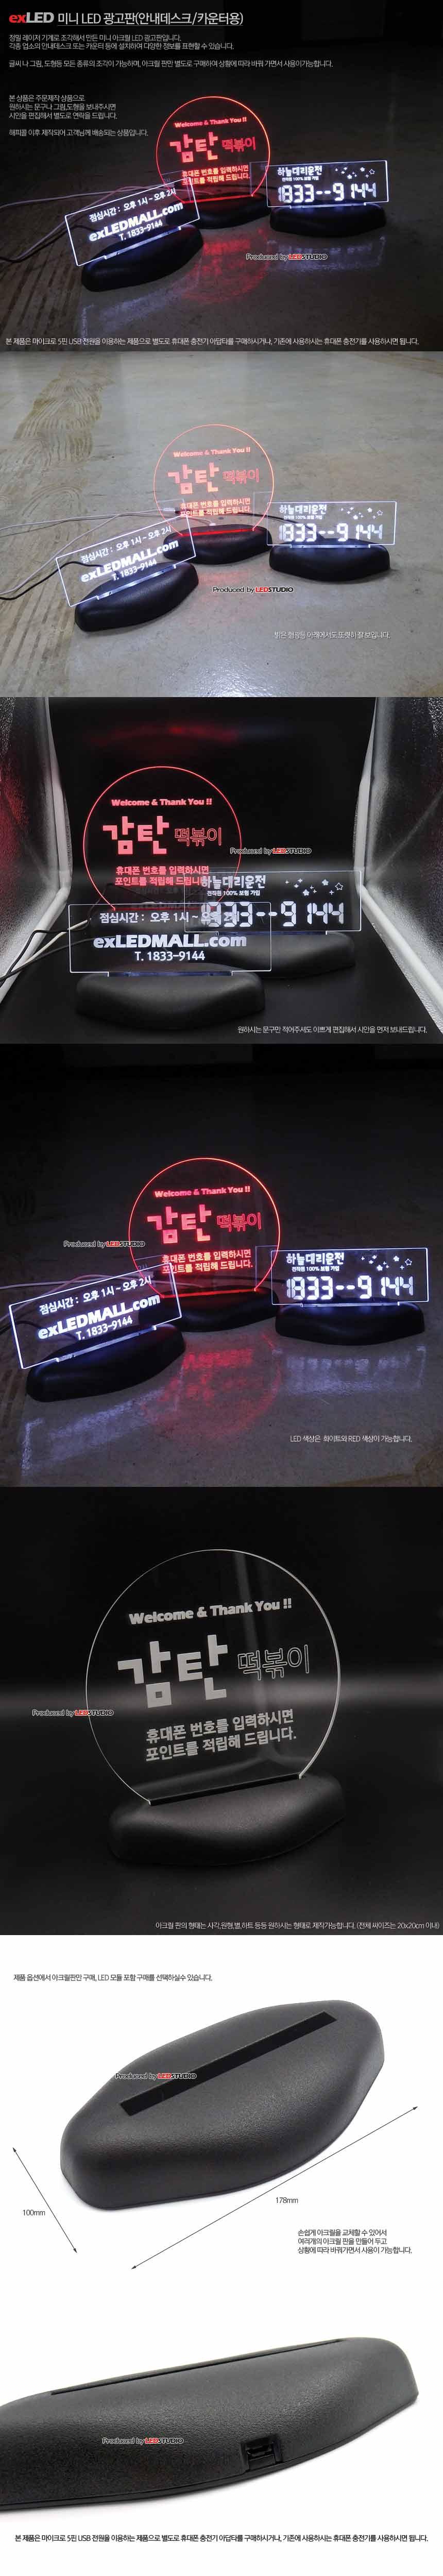 exLED 미니 LED 광고판 (안내데스크,카운터용)